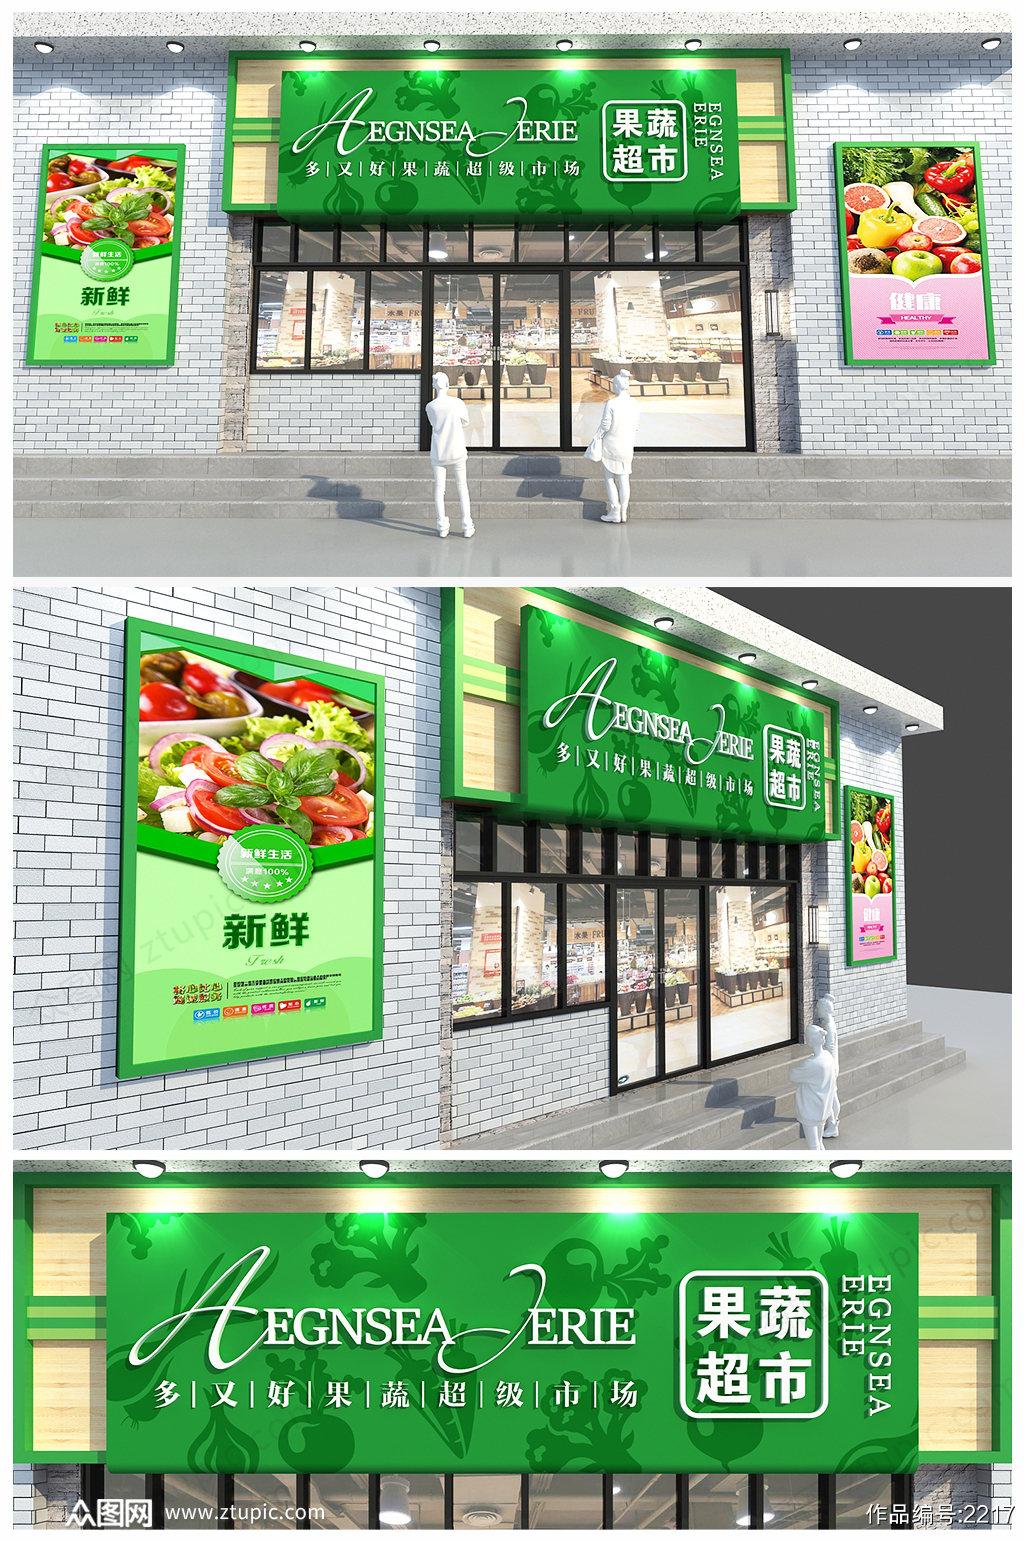 绿色原生态概念水果店蔬果超市门头招牌设计效果图素材